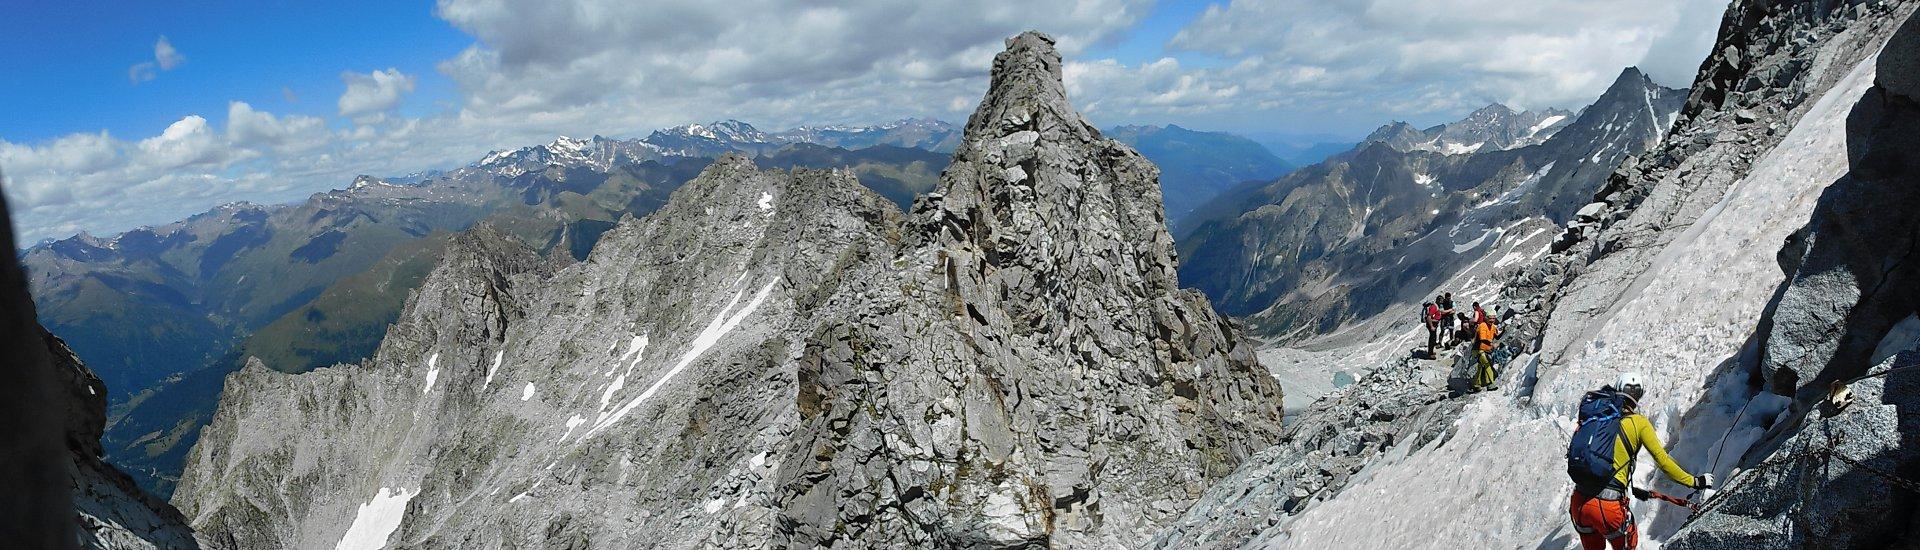 Dolomity - Sentiero dei Fiori